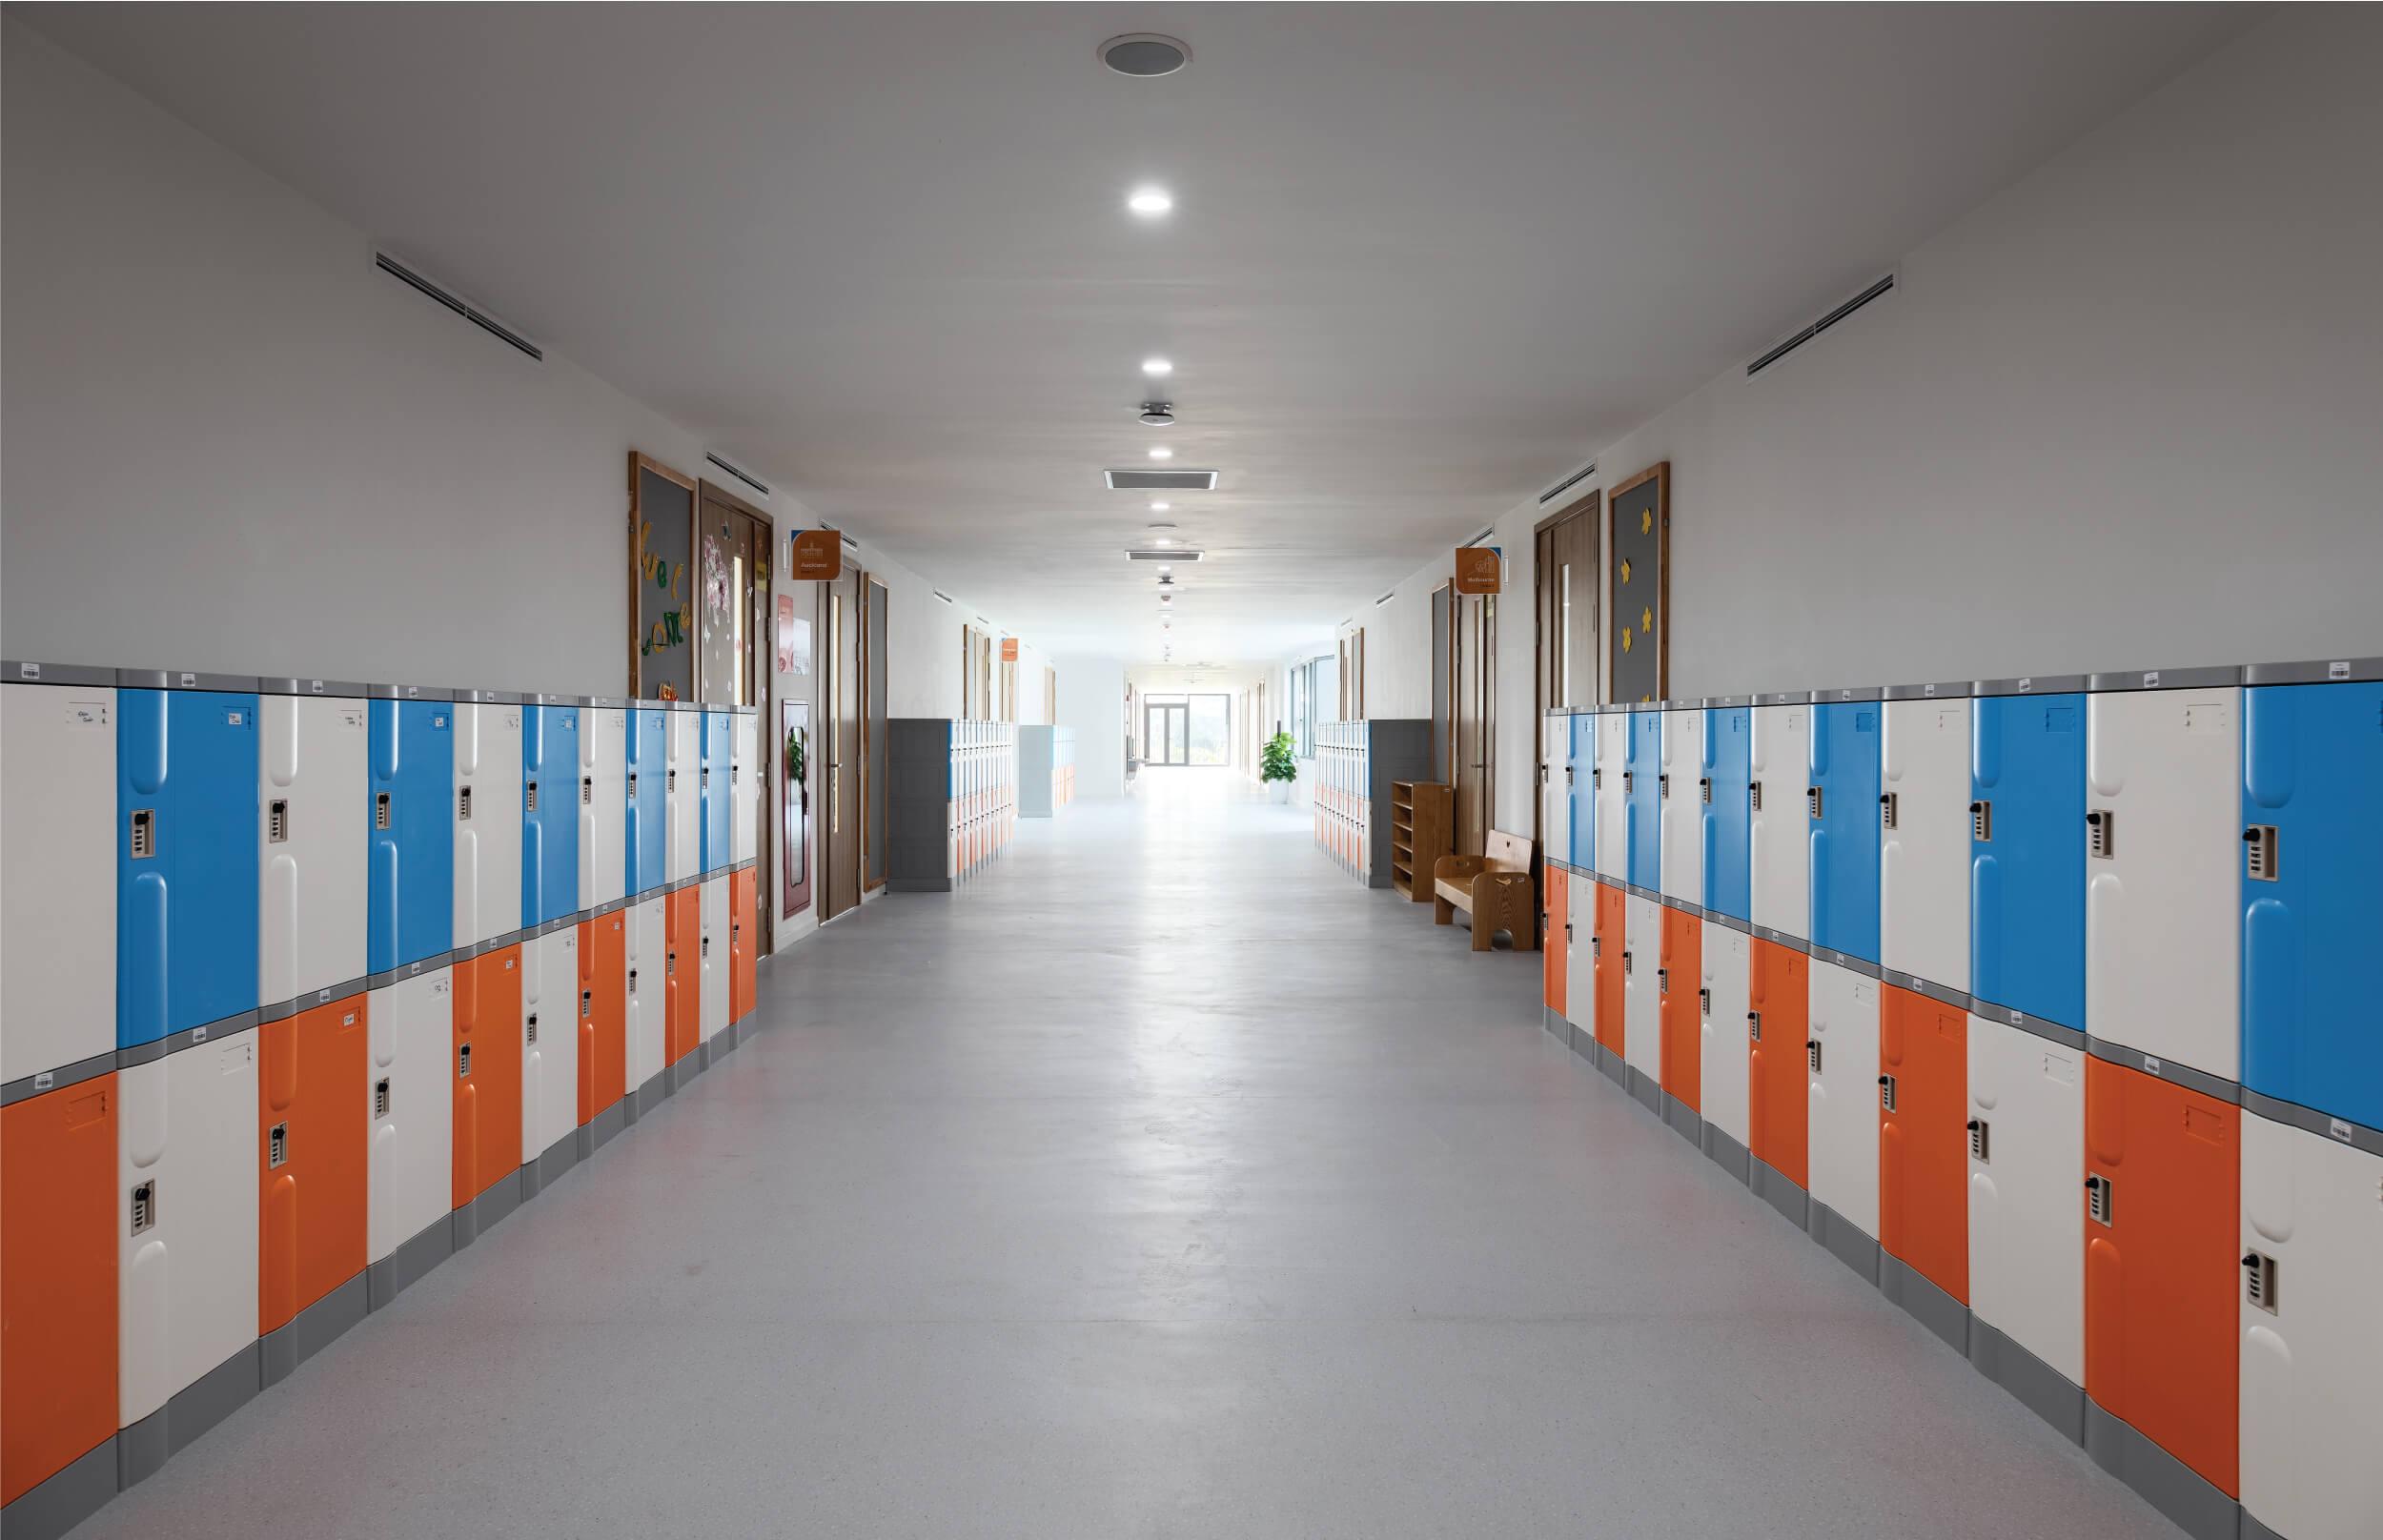 hành lang - The Dewey Schools 03